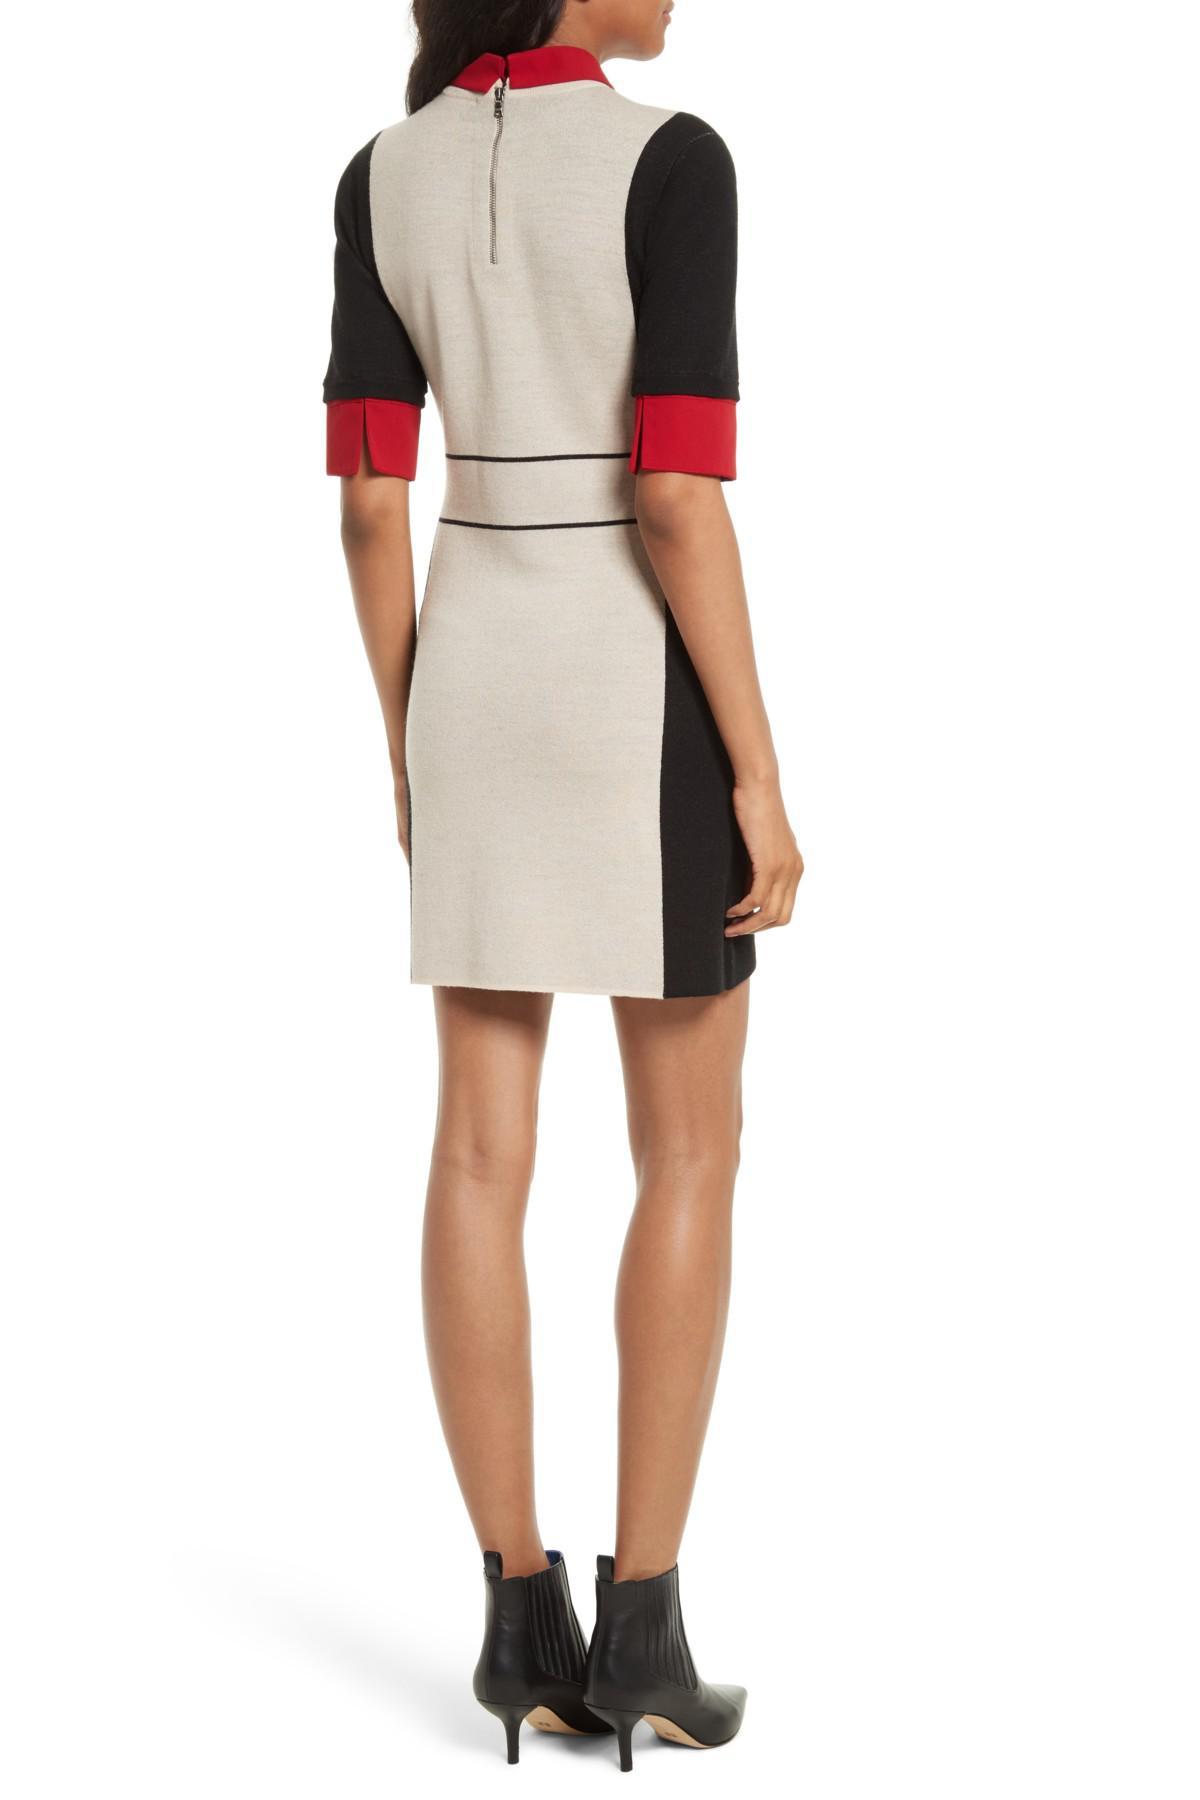 44b8d2069c Lyst - Alice + Olivia Mia Contrast Trim Sweater Dress